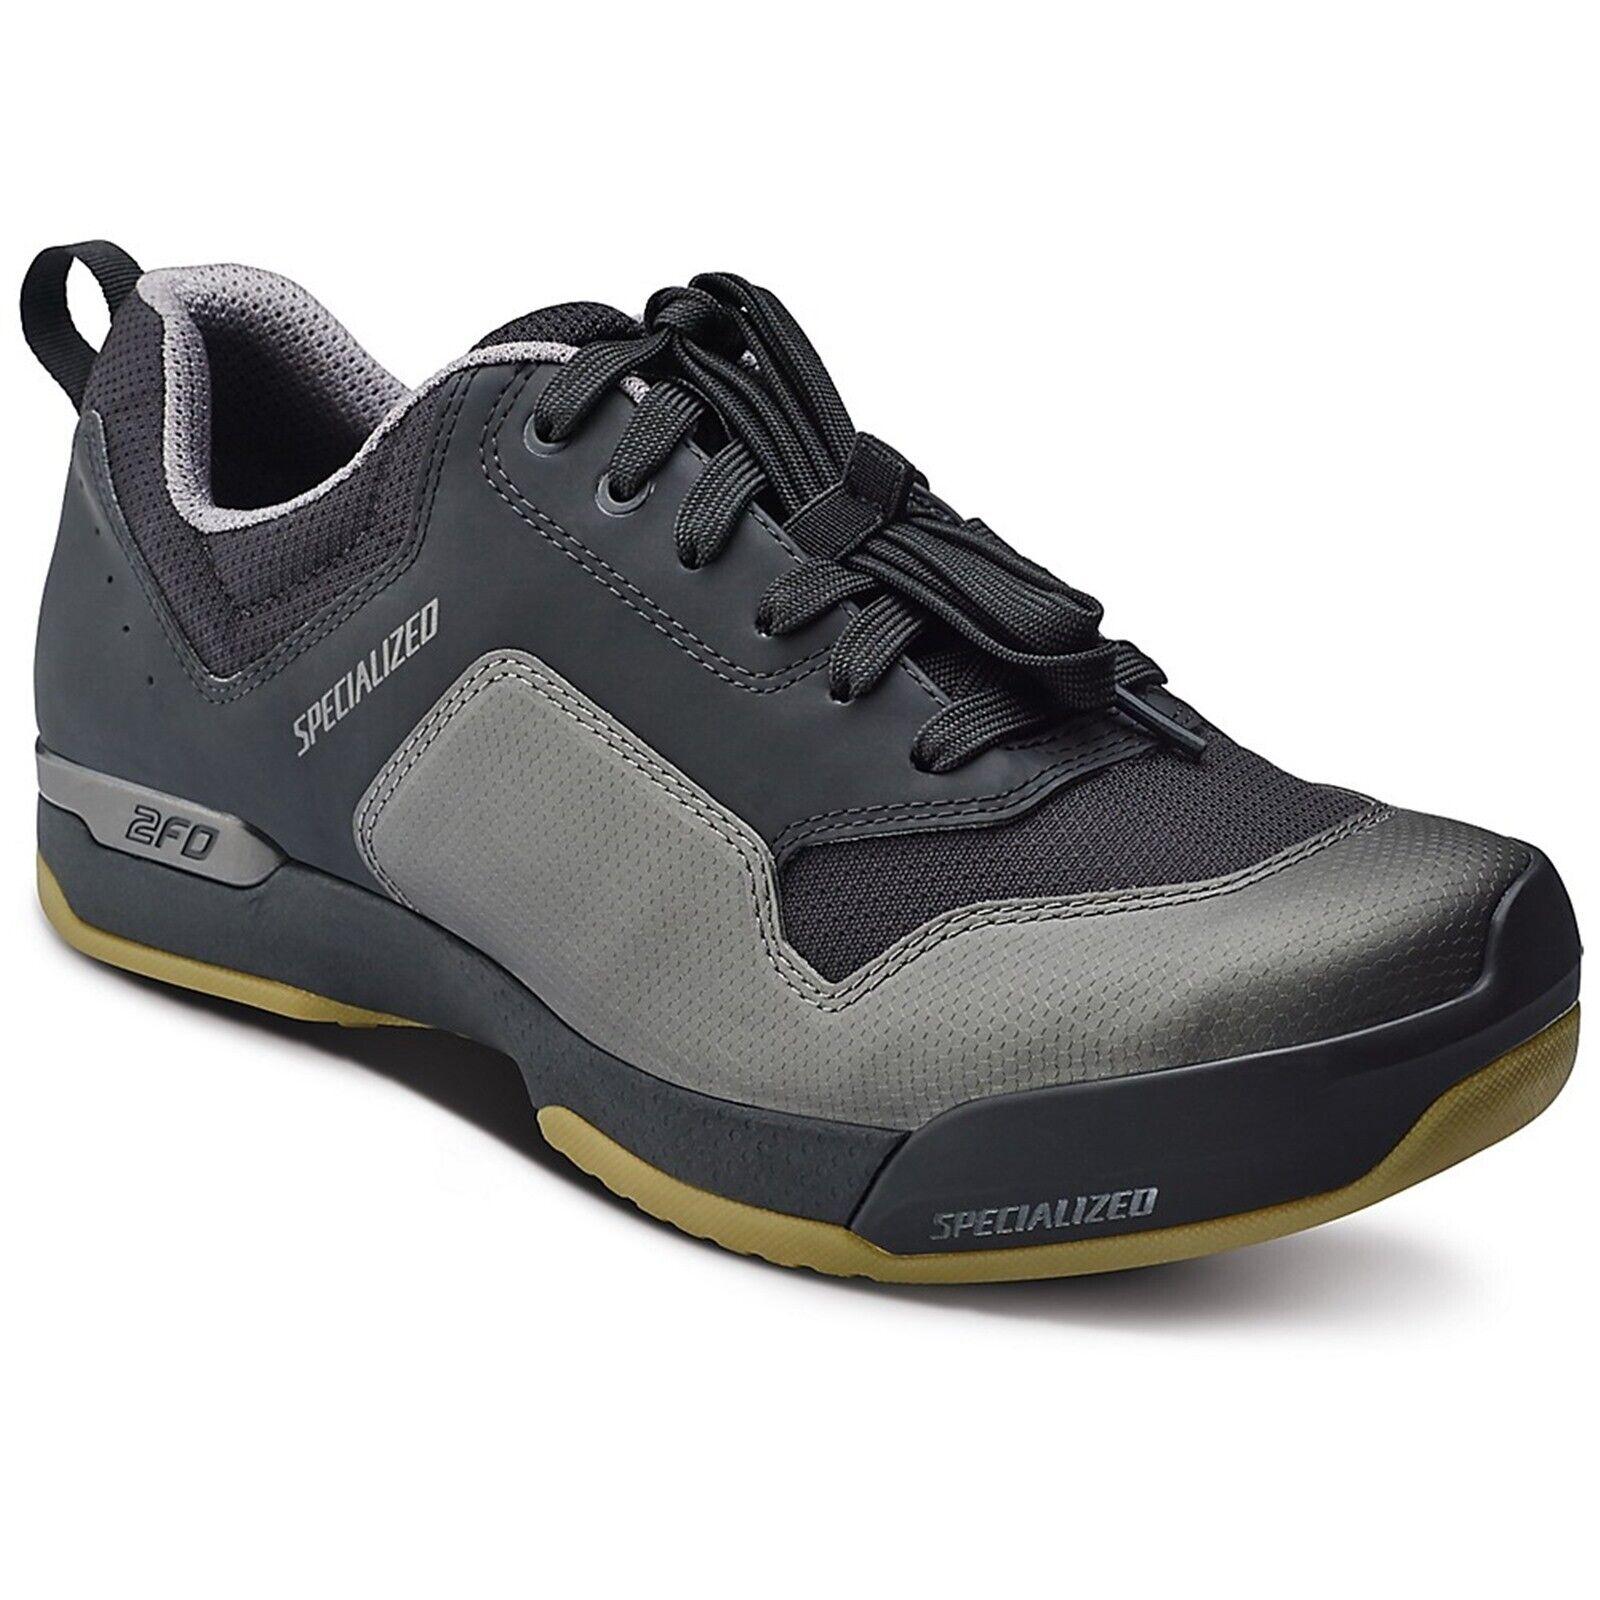 Specialized 2FO cliplite Encaje Zapatos de Bicicleta de montaña-Negro Gum-43